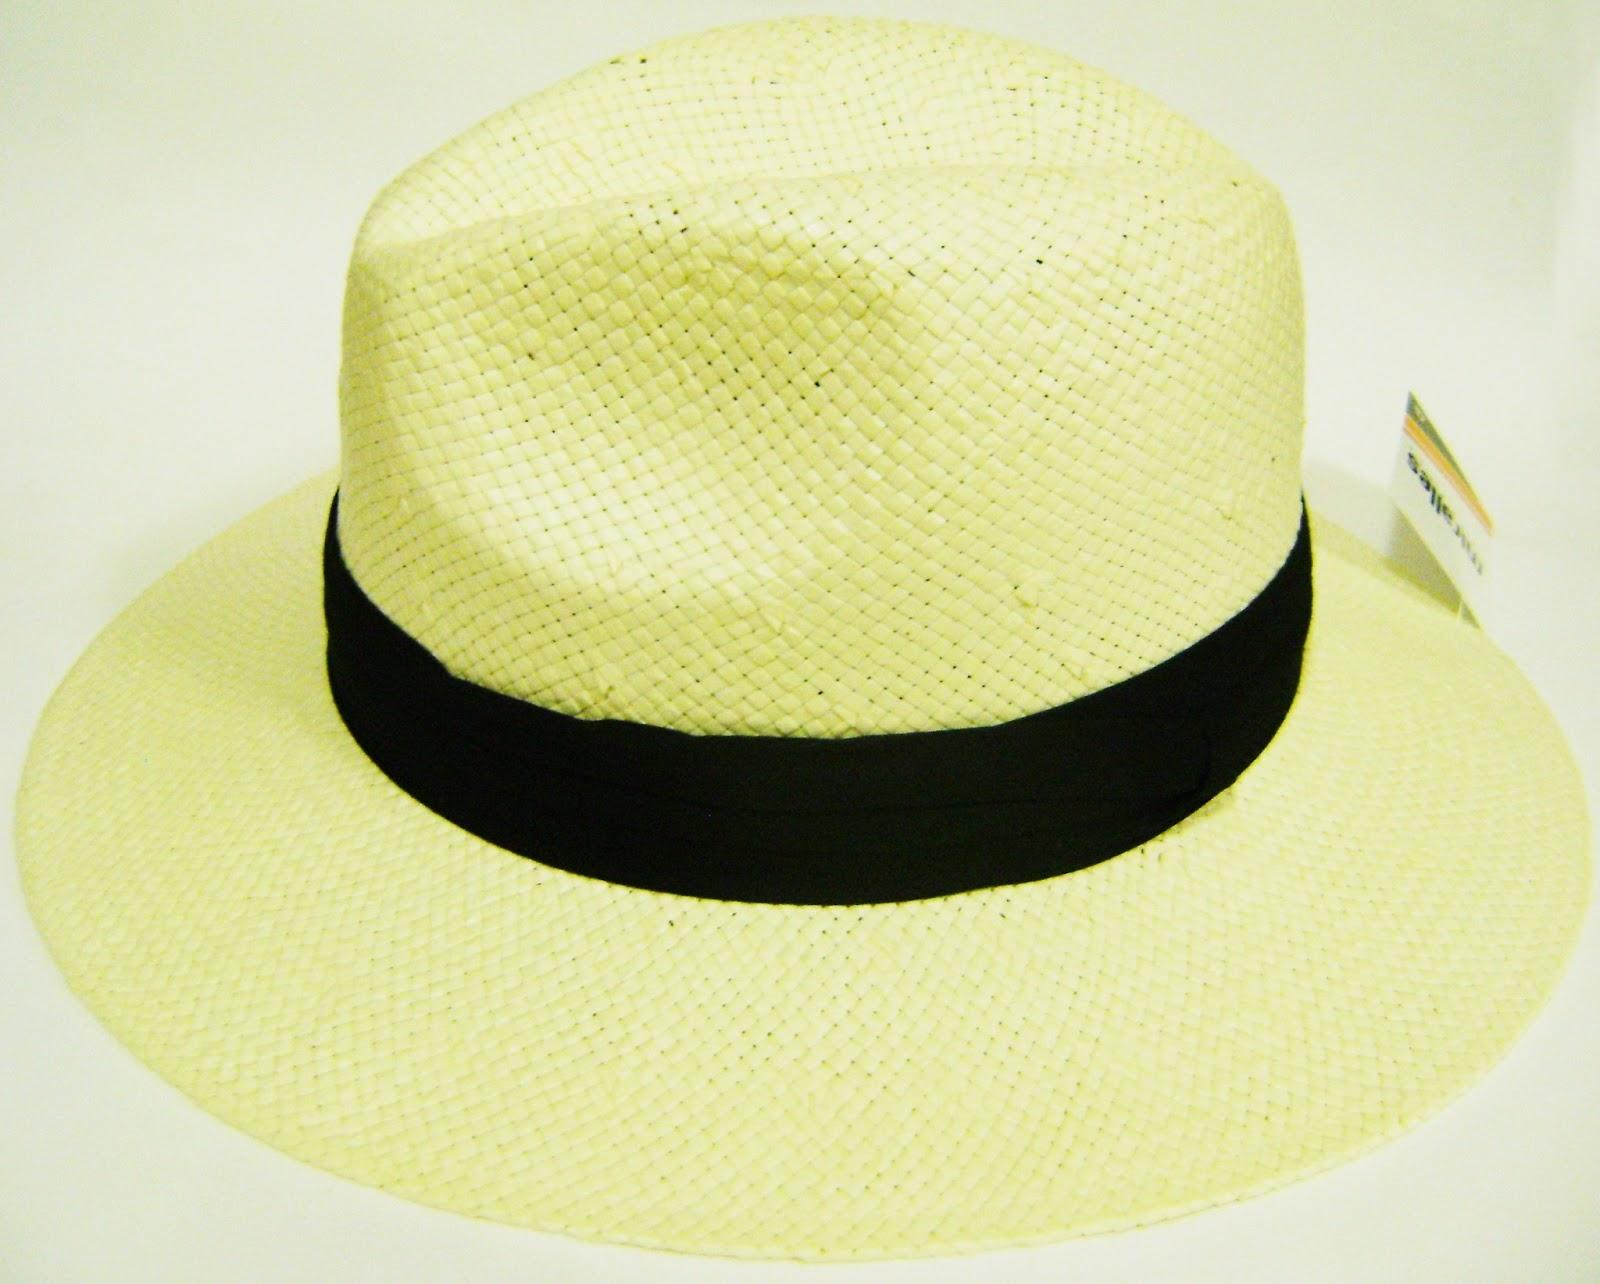 Sombreros de verano para hombre calzados lucía sombrerería JPG 1600x1284 Palma  hombre sombrero 8ecfe152684